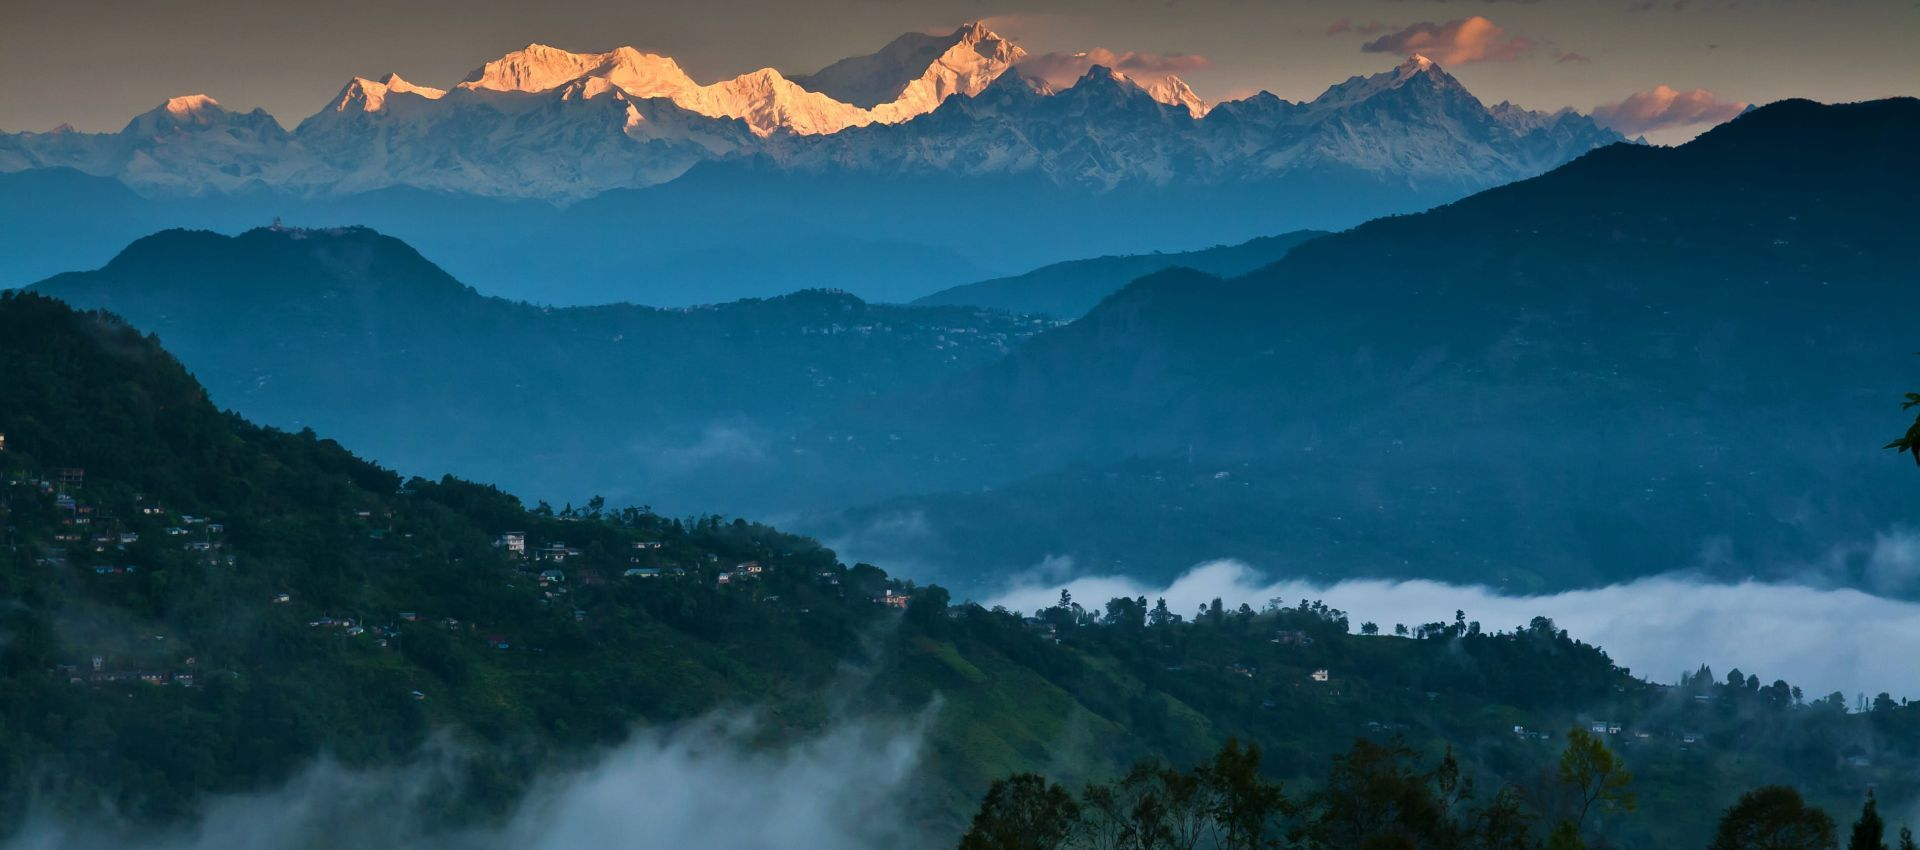 Sikkim And Bhutan